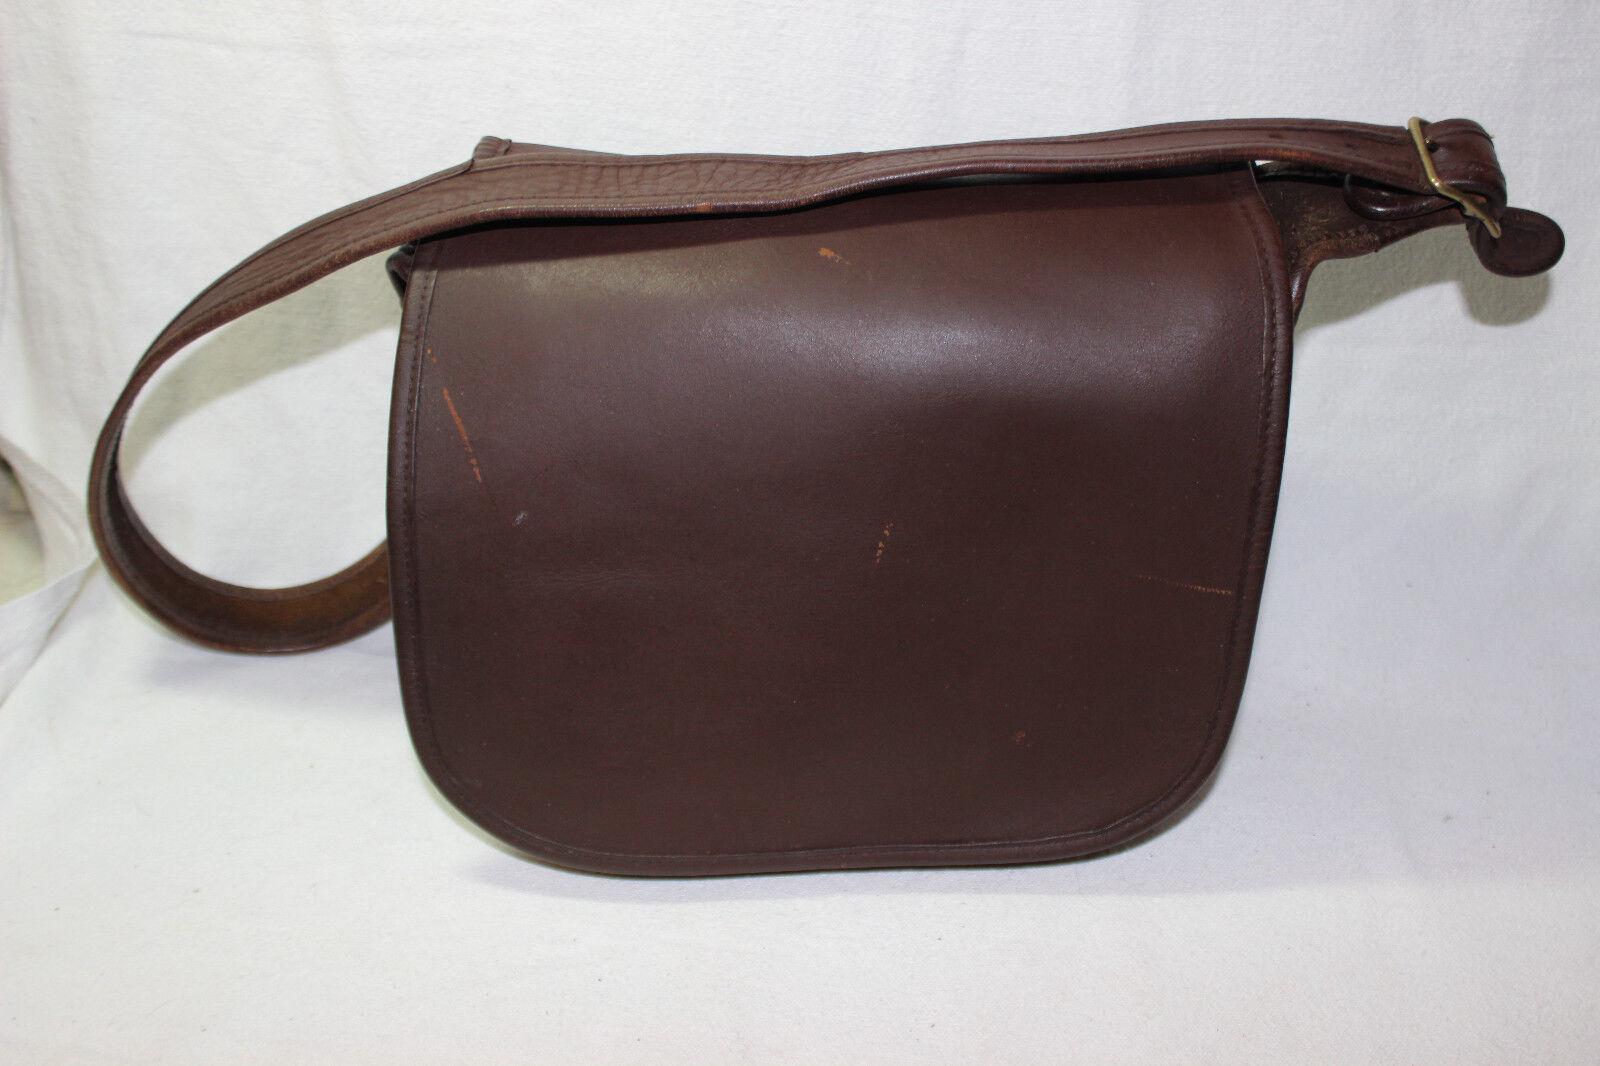 VINTAGE COACH BONNIE CASHIN  FLAP SHOULDER BAG  - image 1